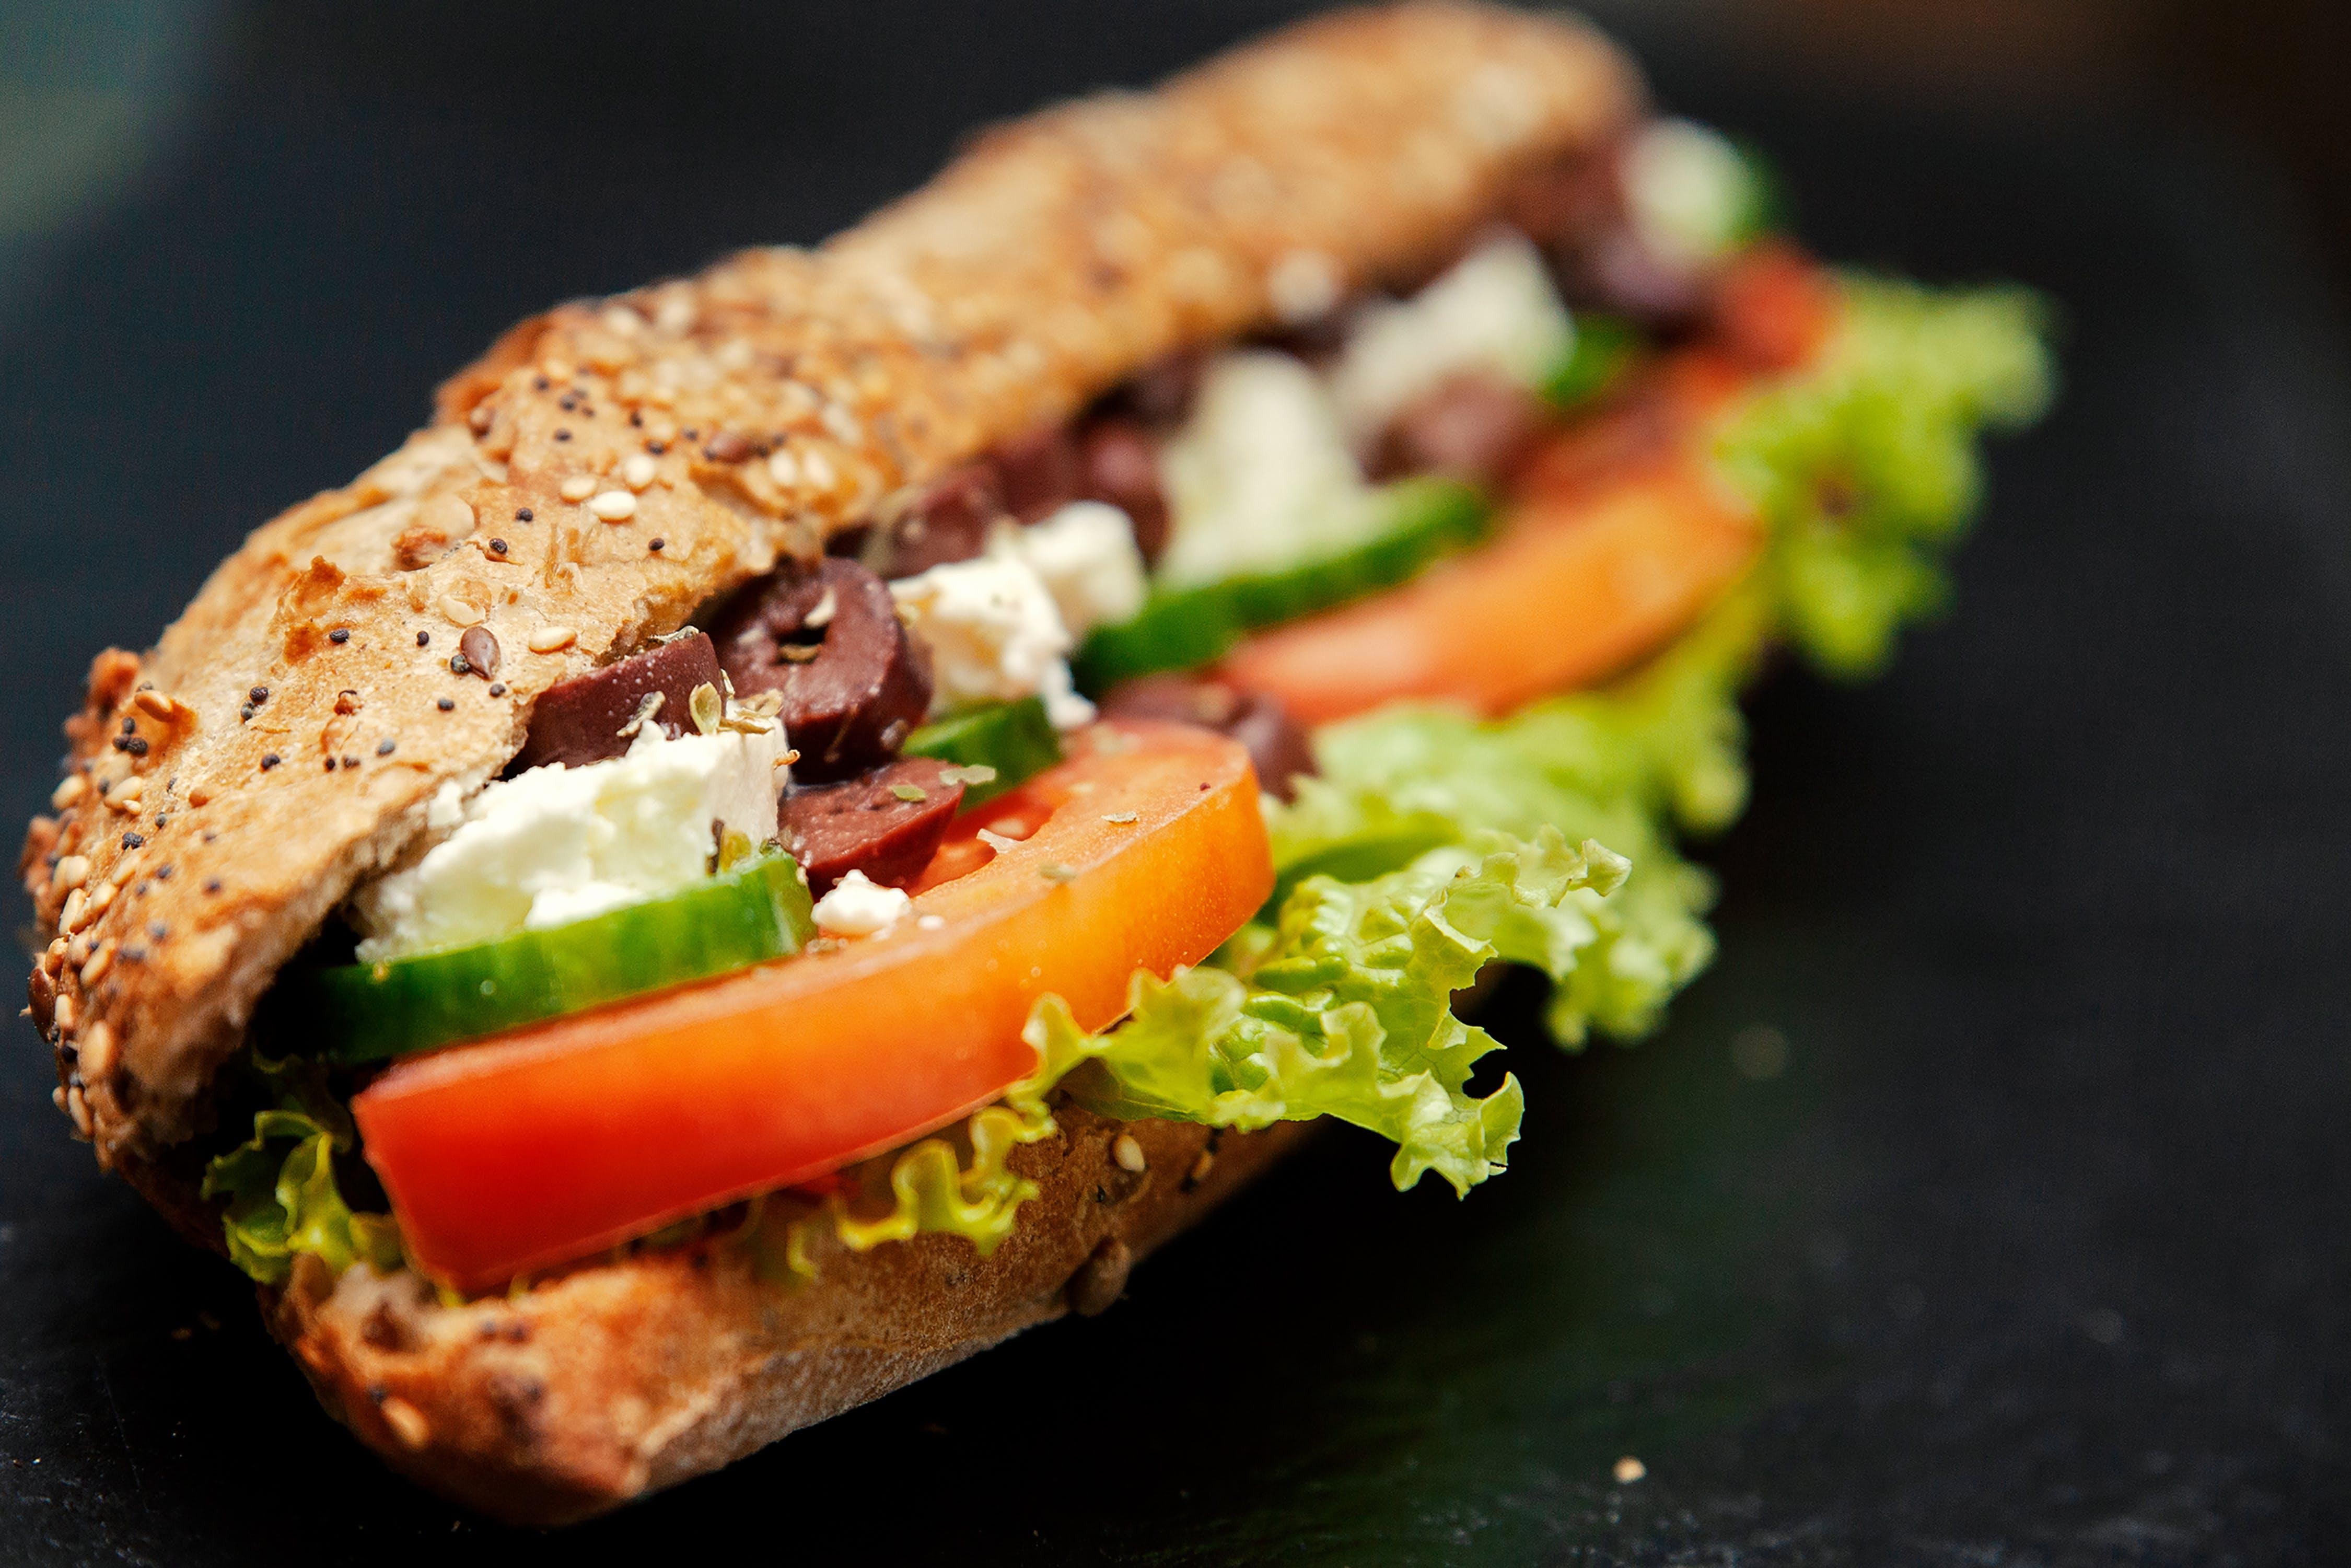 Gratis lagerfoto af delikat, fastfood, frisk, frisk grøntsag